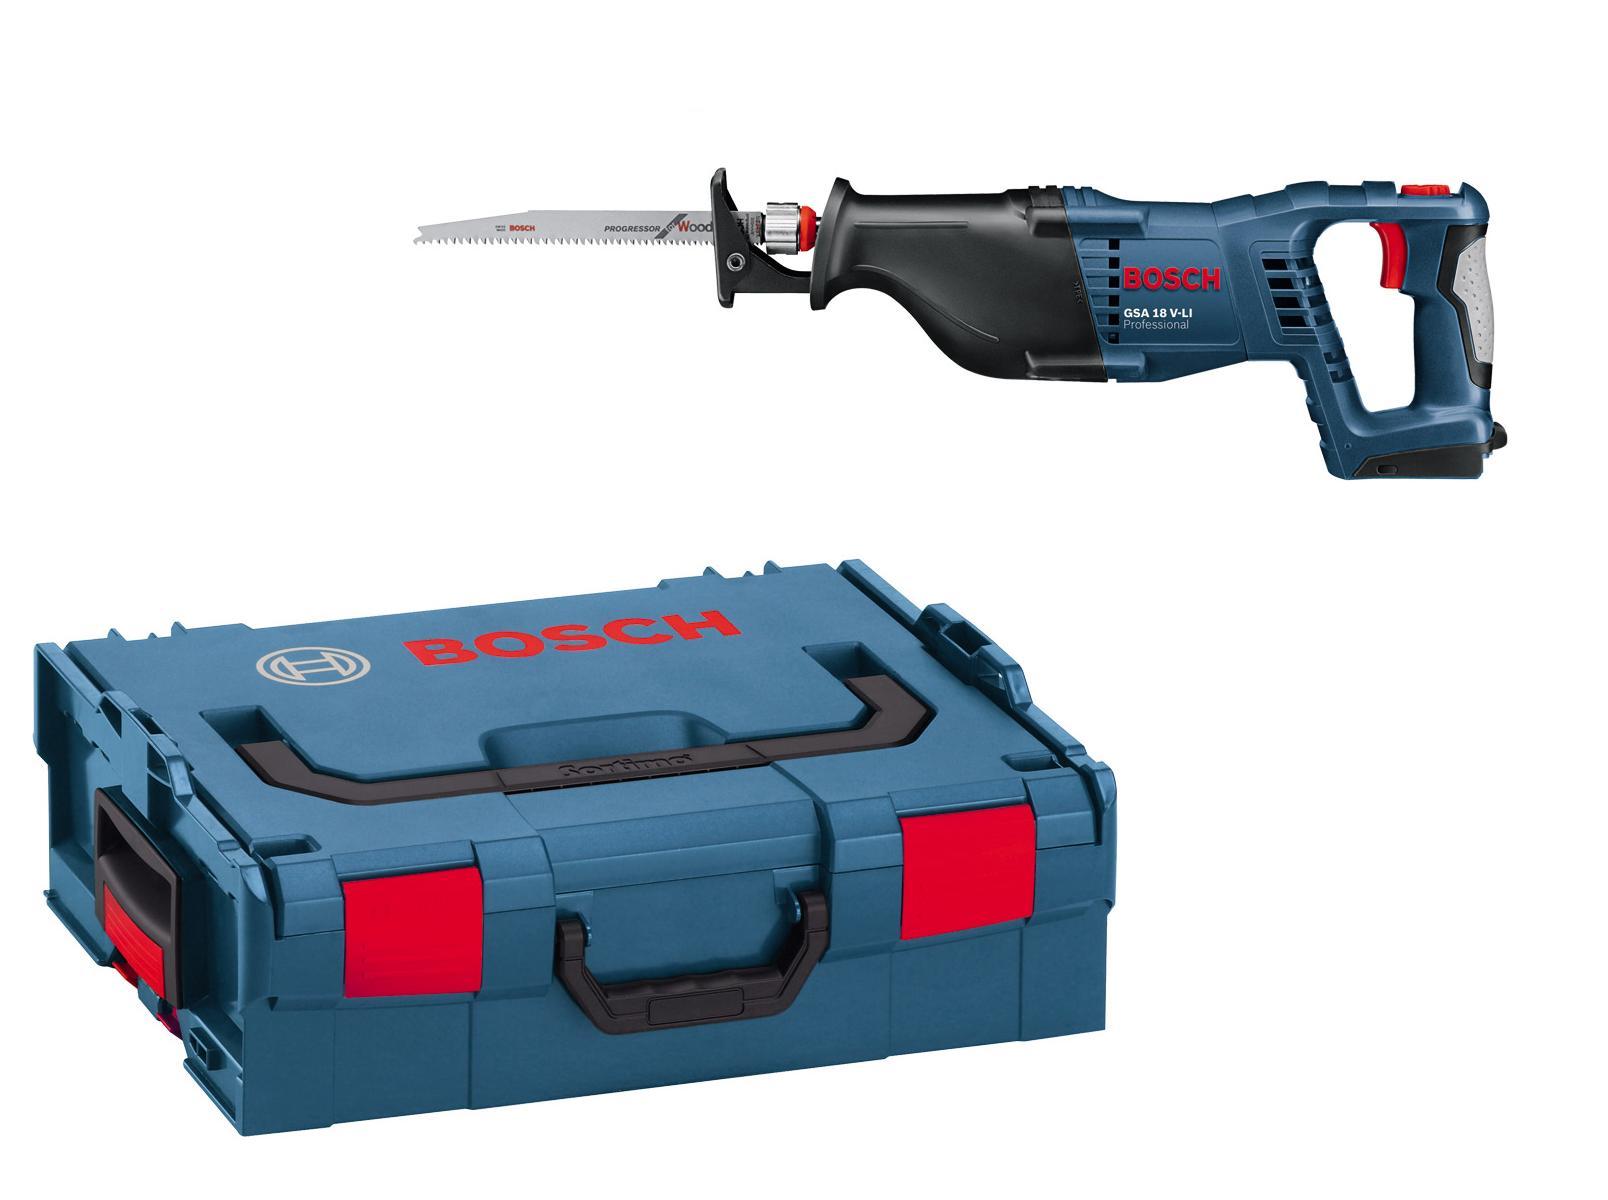 Bosch Accu reciprozaag GSA 18 V Li | DKMTools - DKM Tools